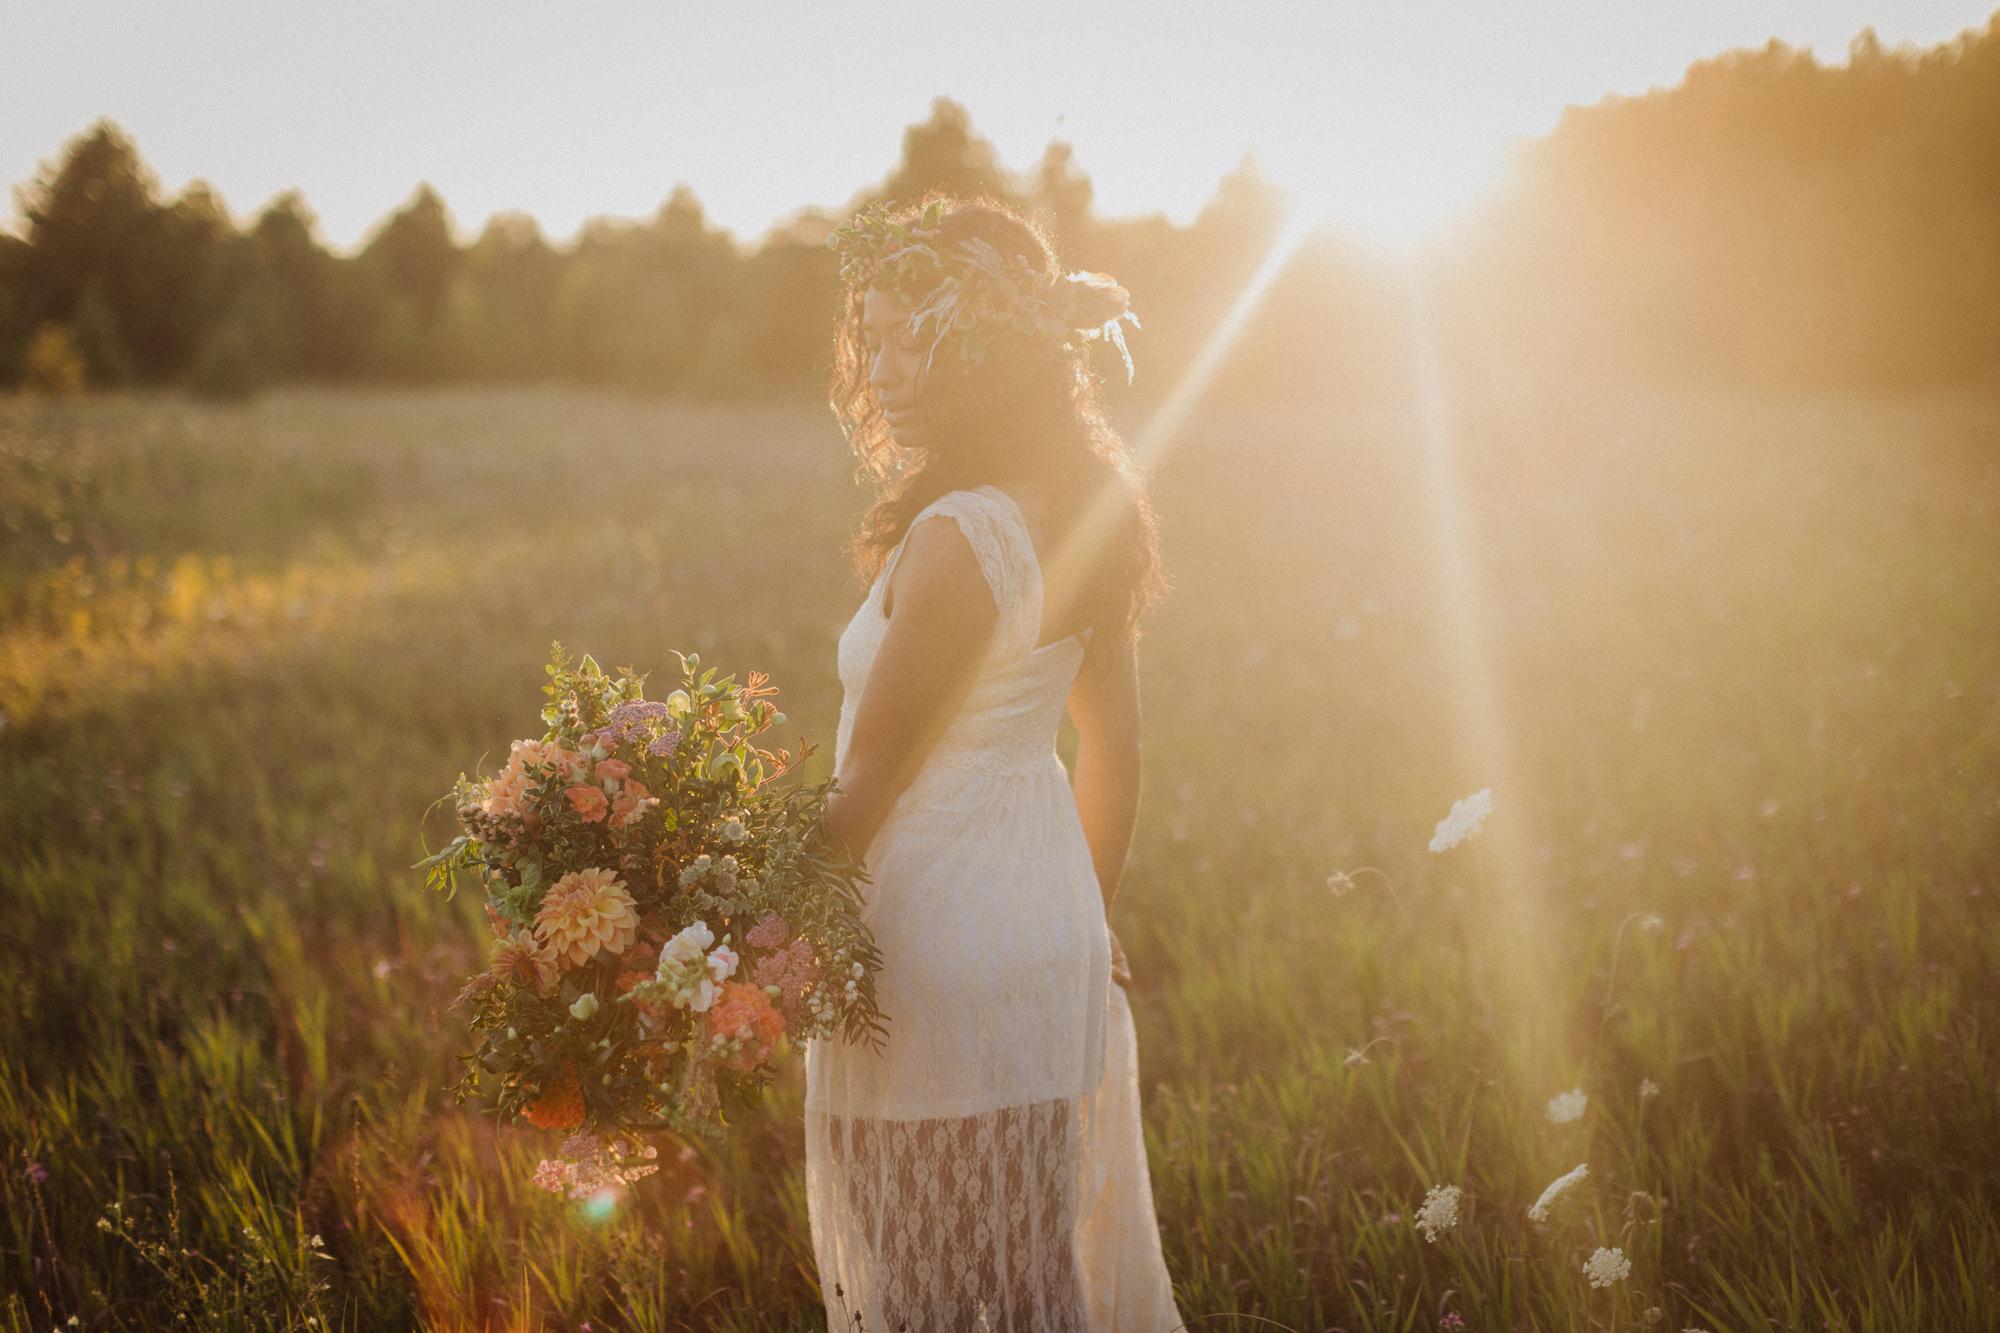 Artemis Photography door county wedding 3.jpg